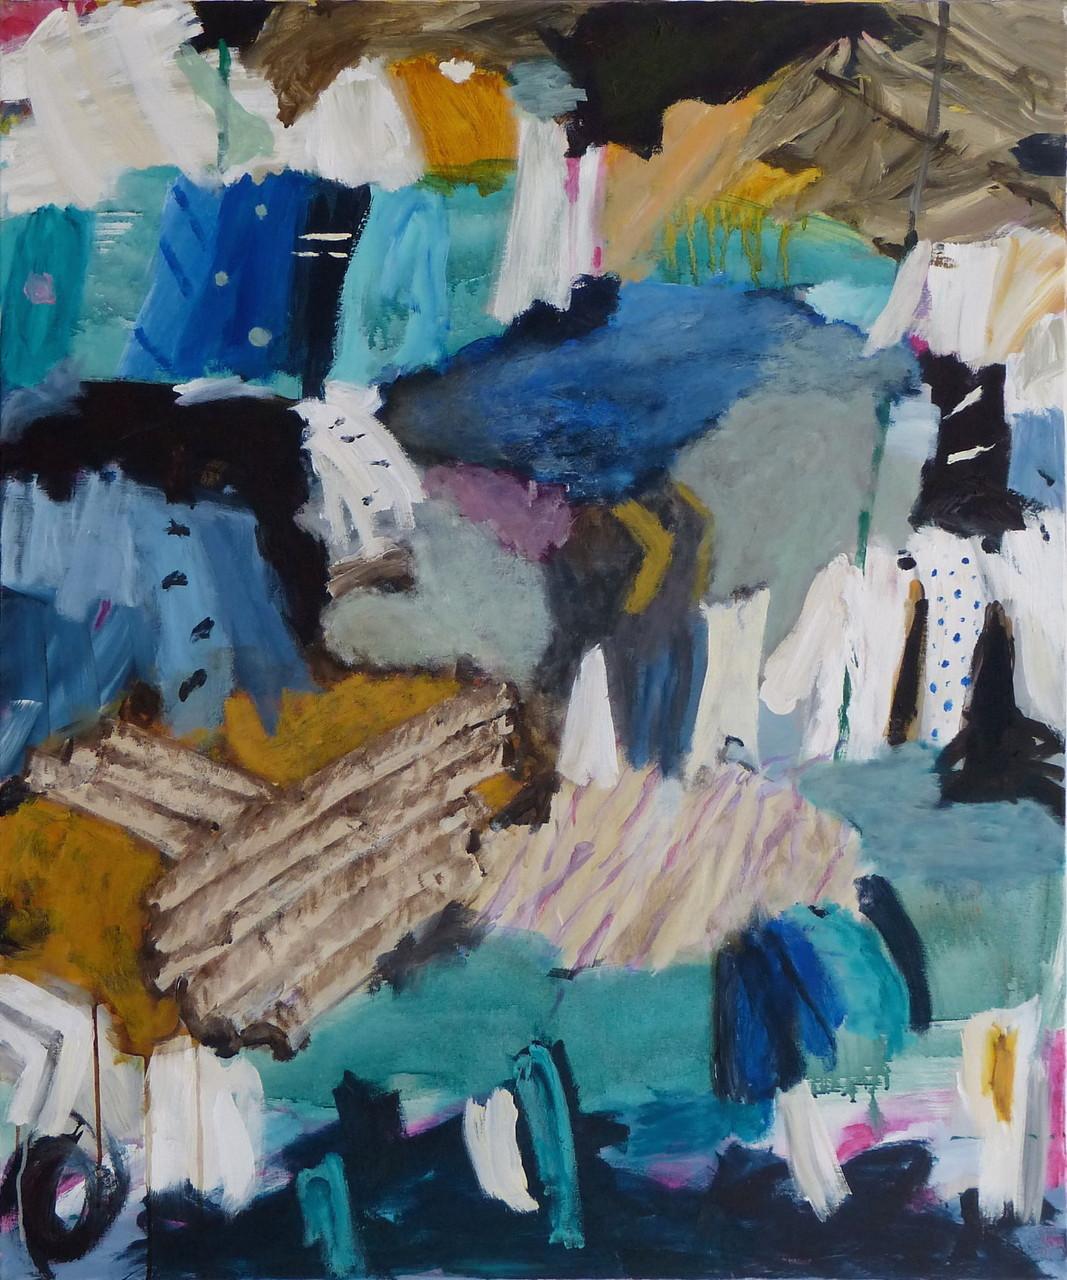 Dhobi Ghat V, Acryl/Lwd., 120 x 100 cm, 2013